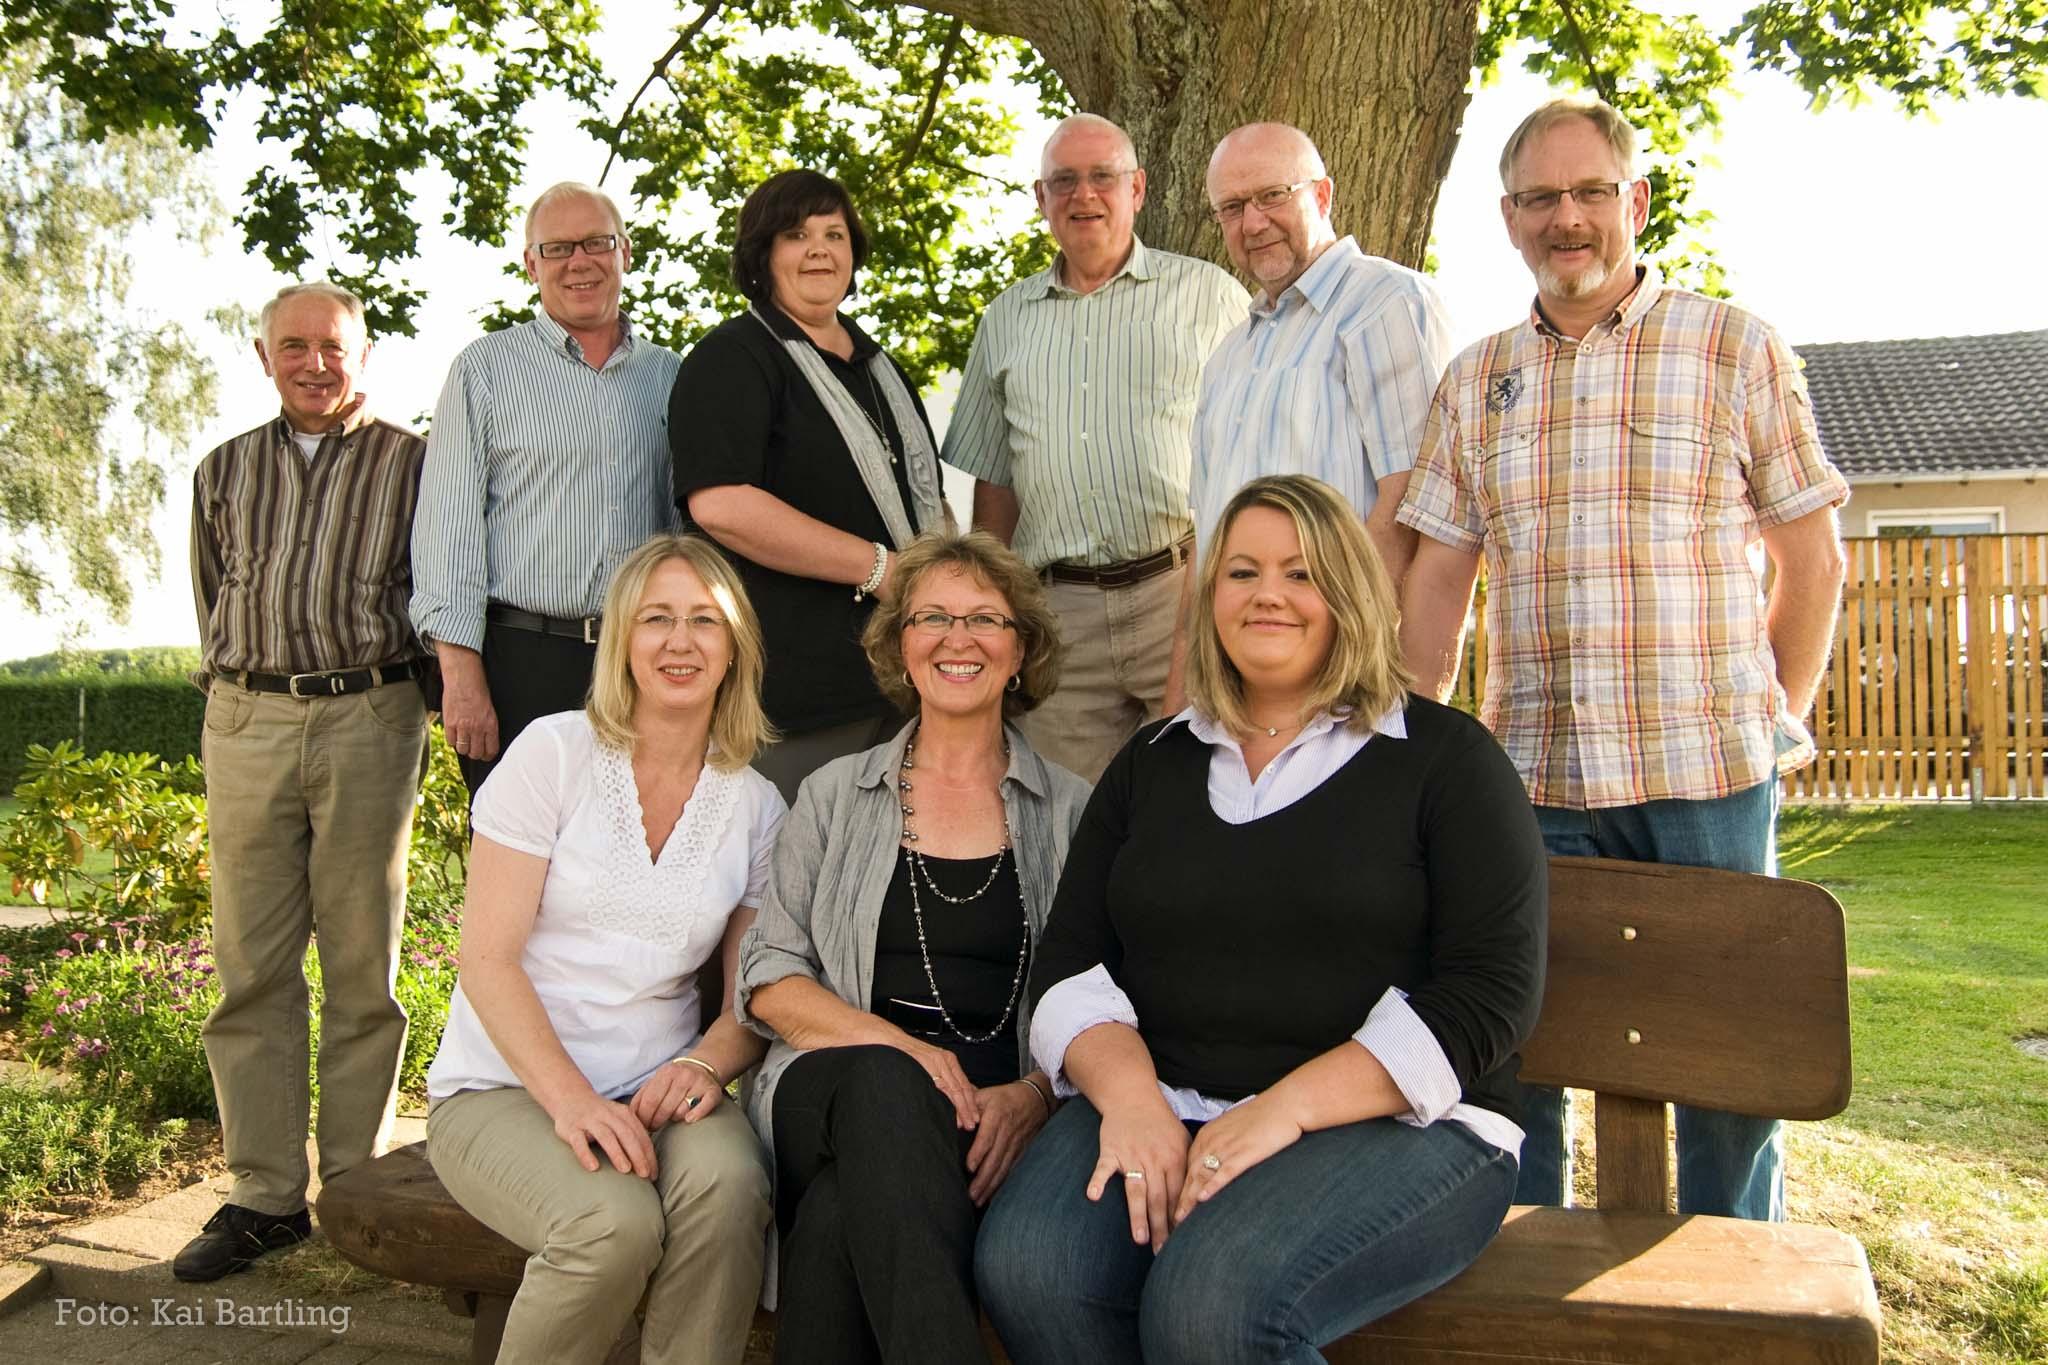 Adventskapelle - Die Gründungsmitglieder